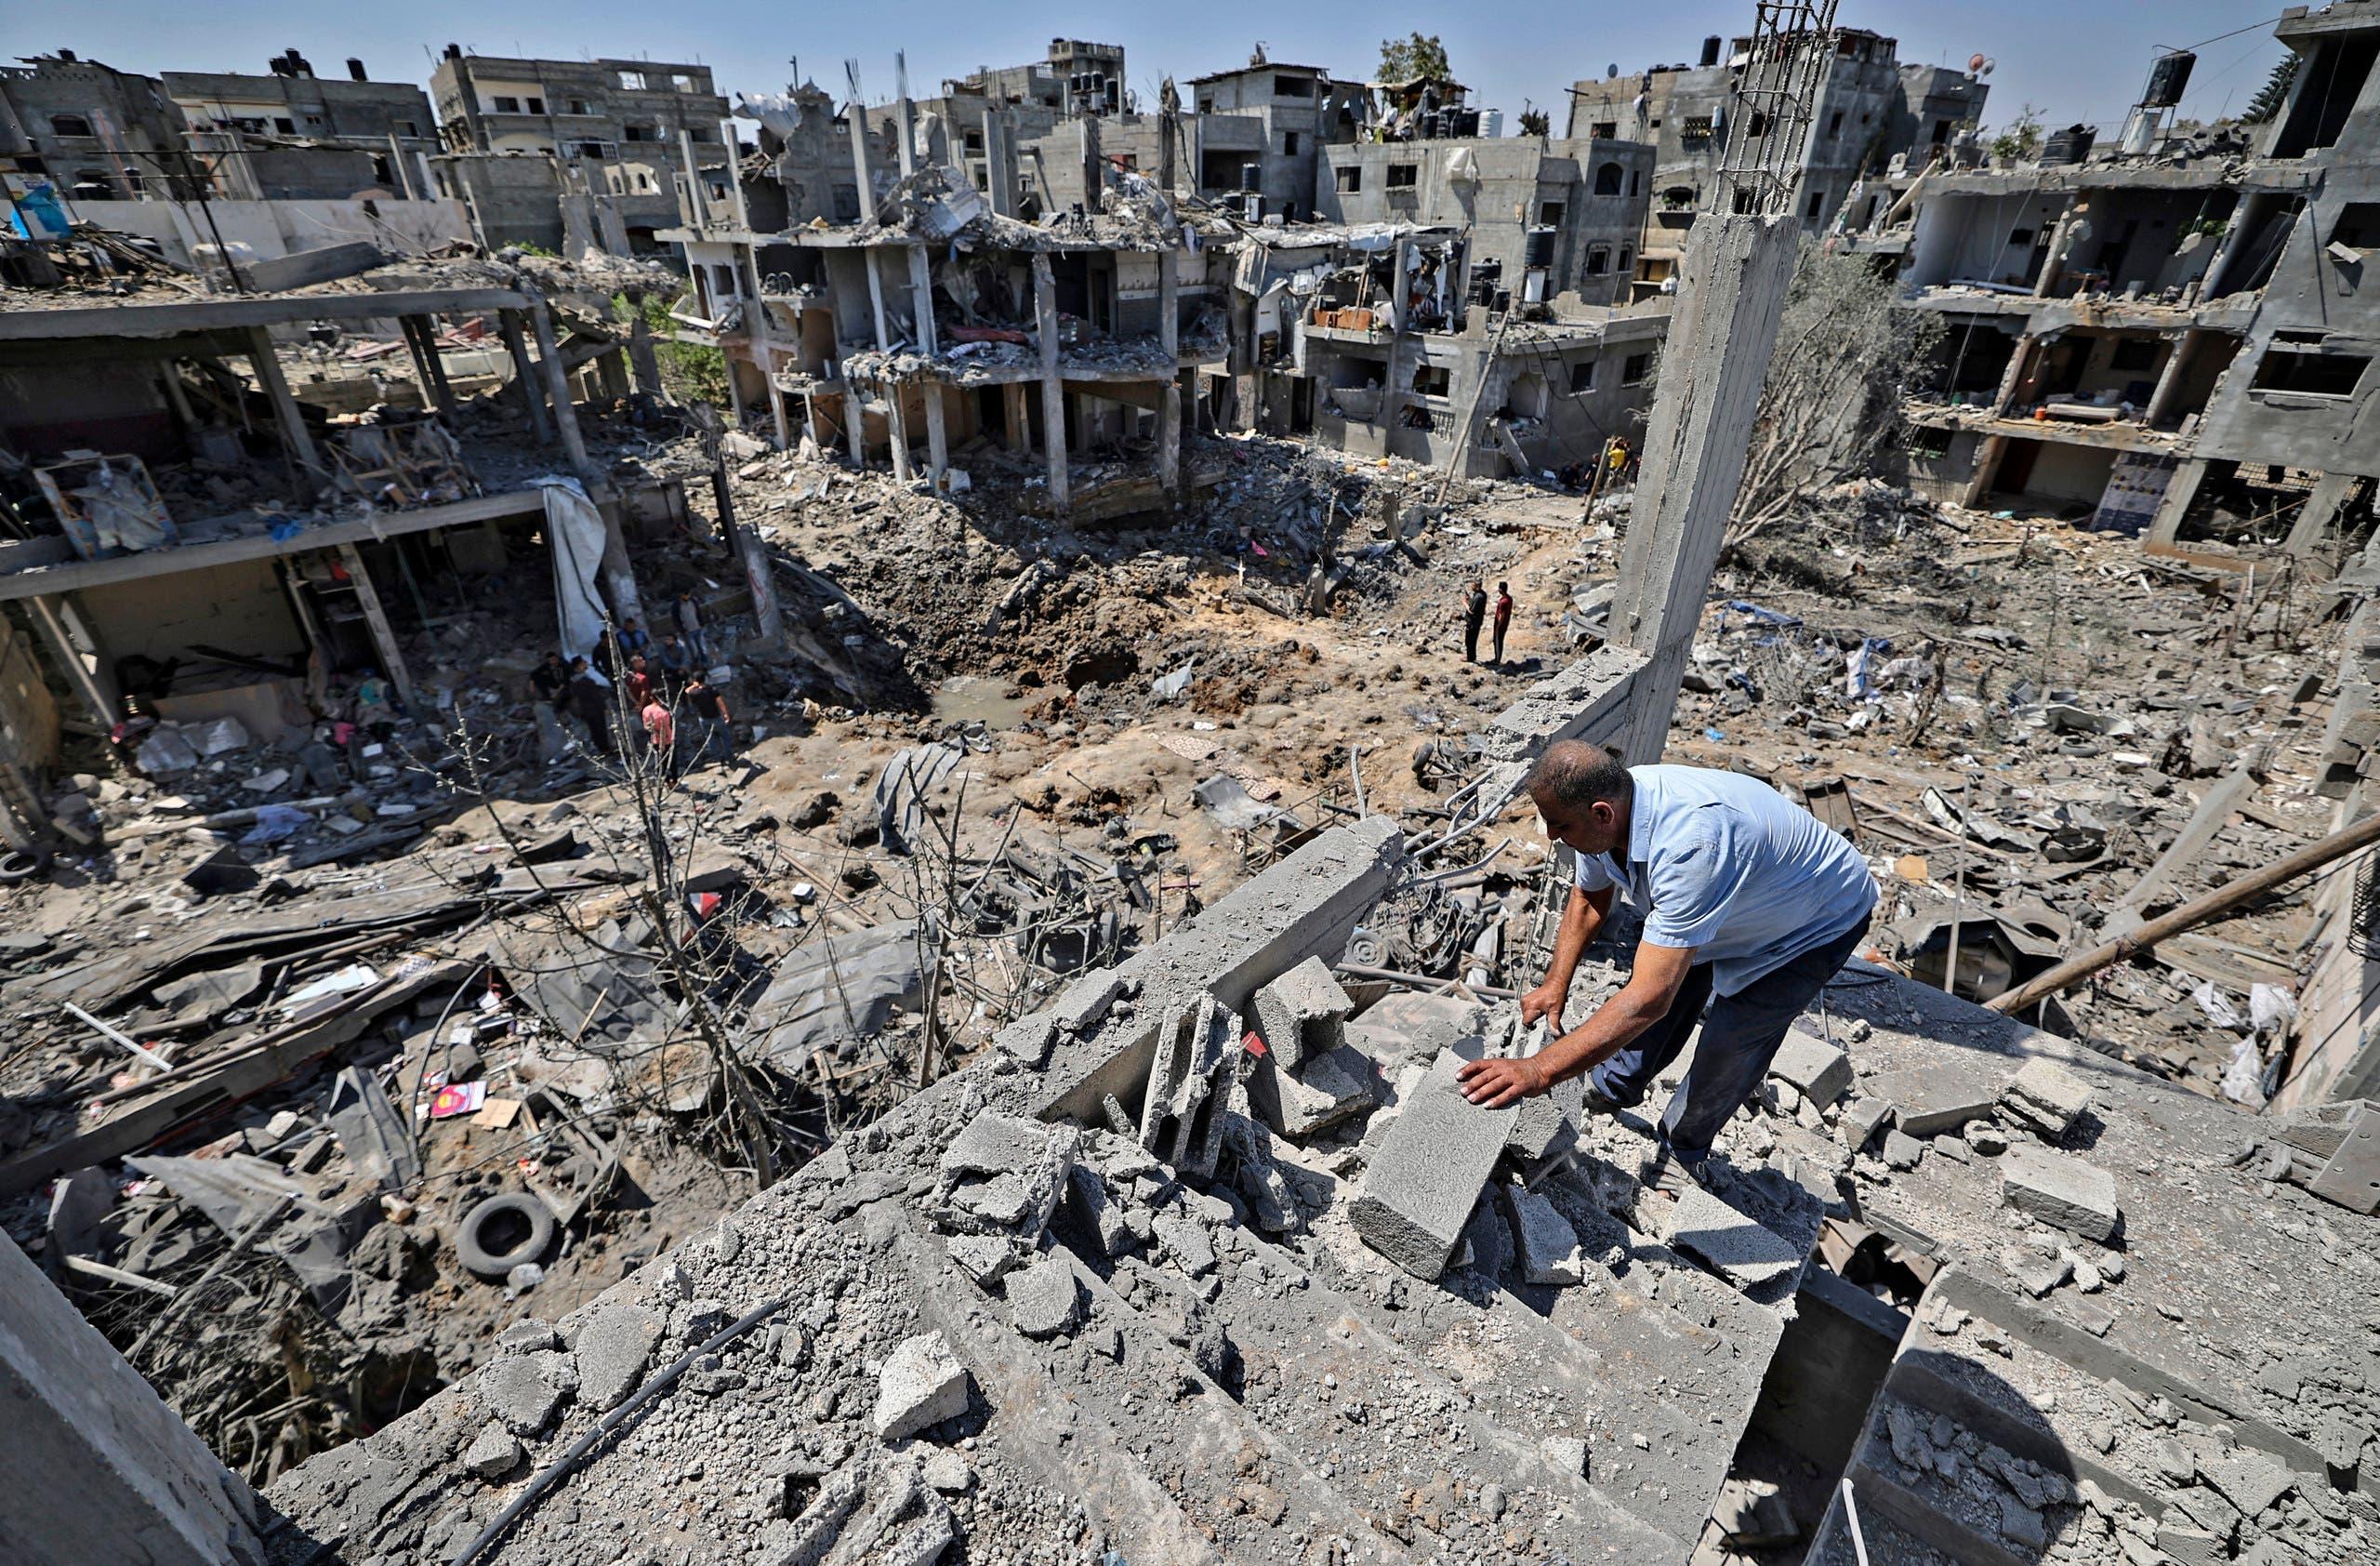 بنايات مدمرة إثر القصف الإسرائيلي على غزة (رويترز)